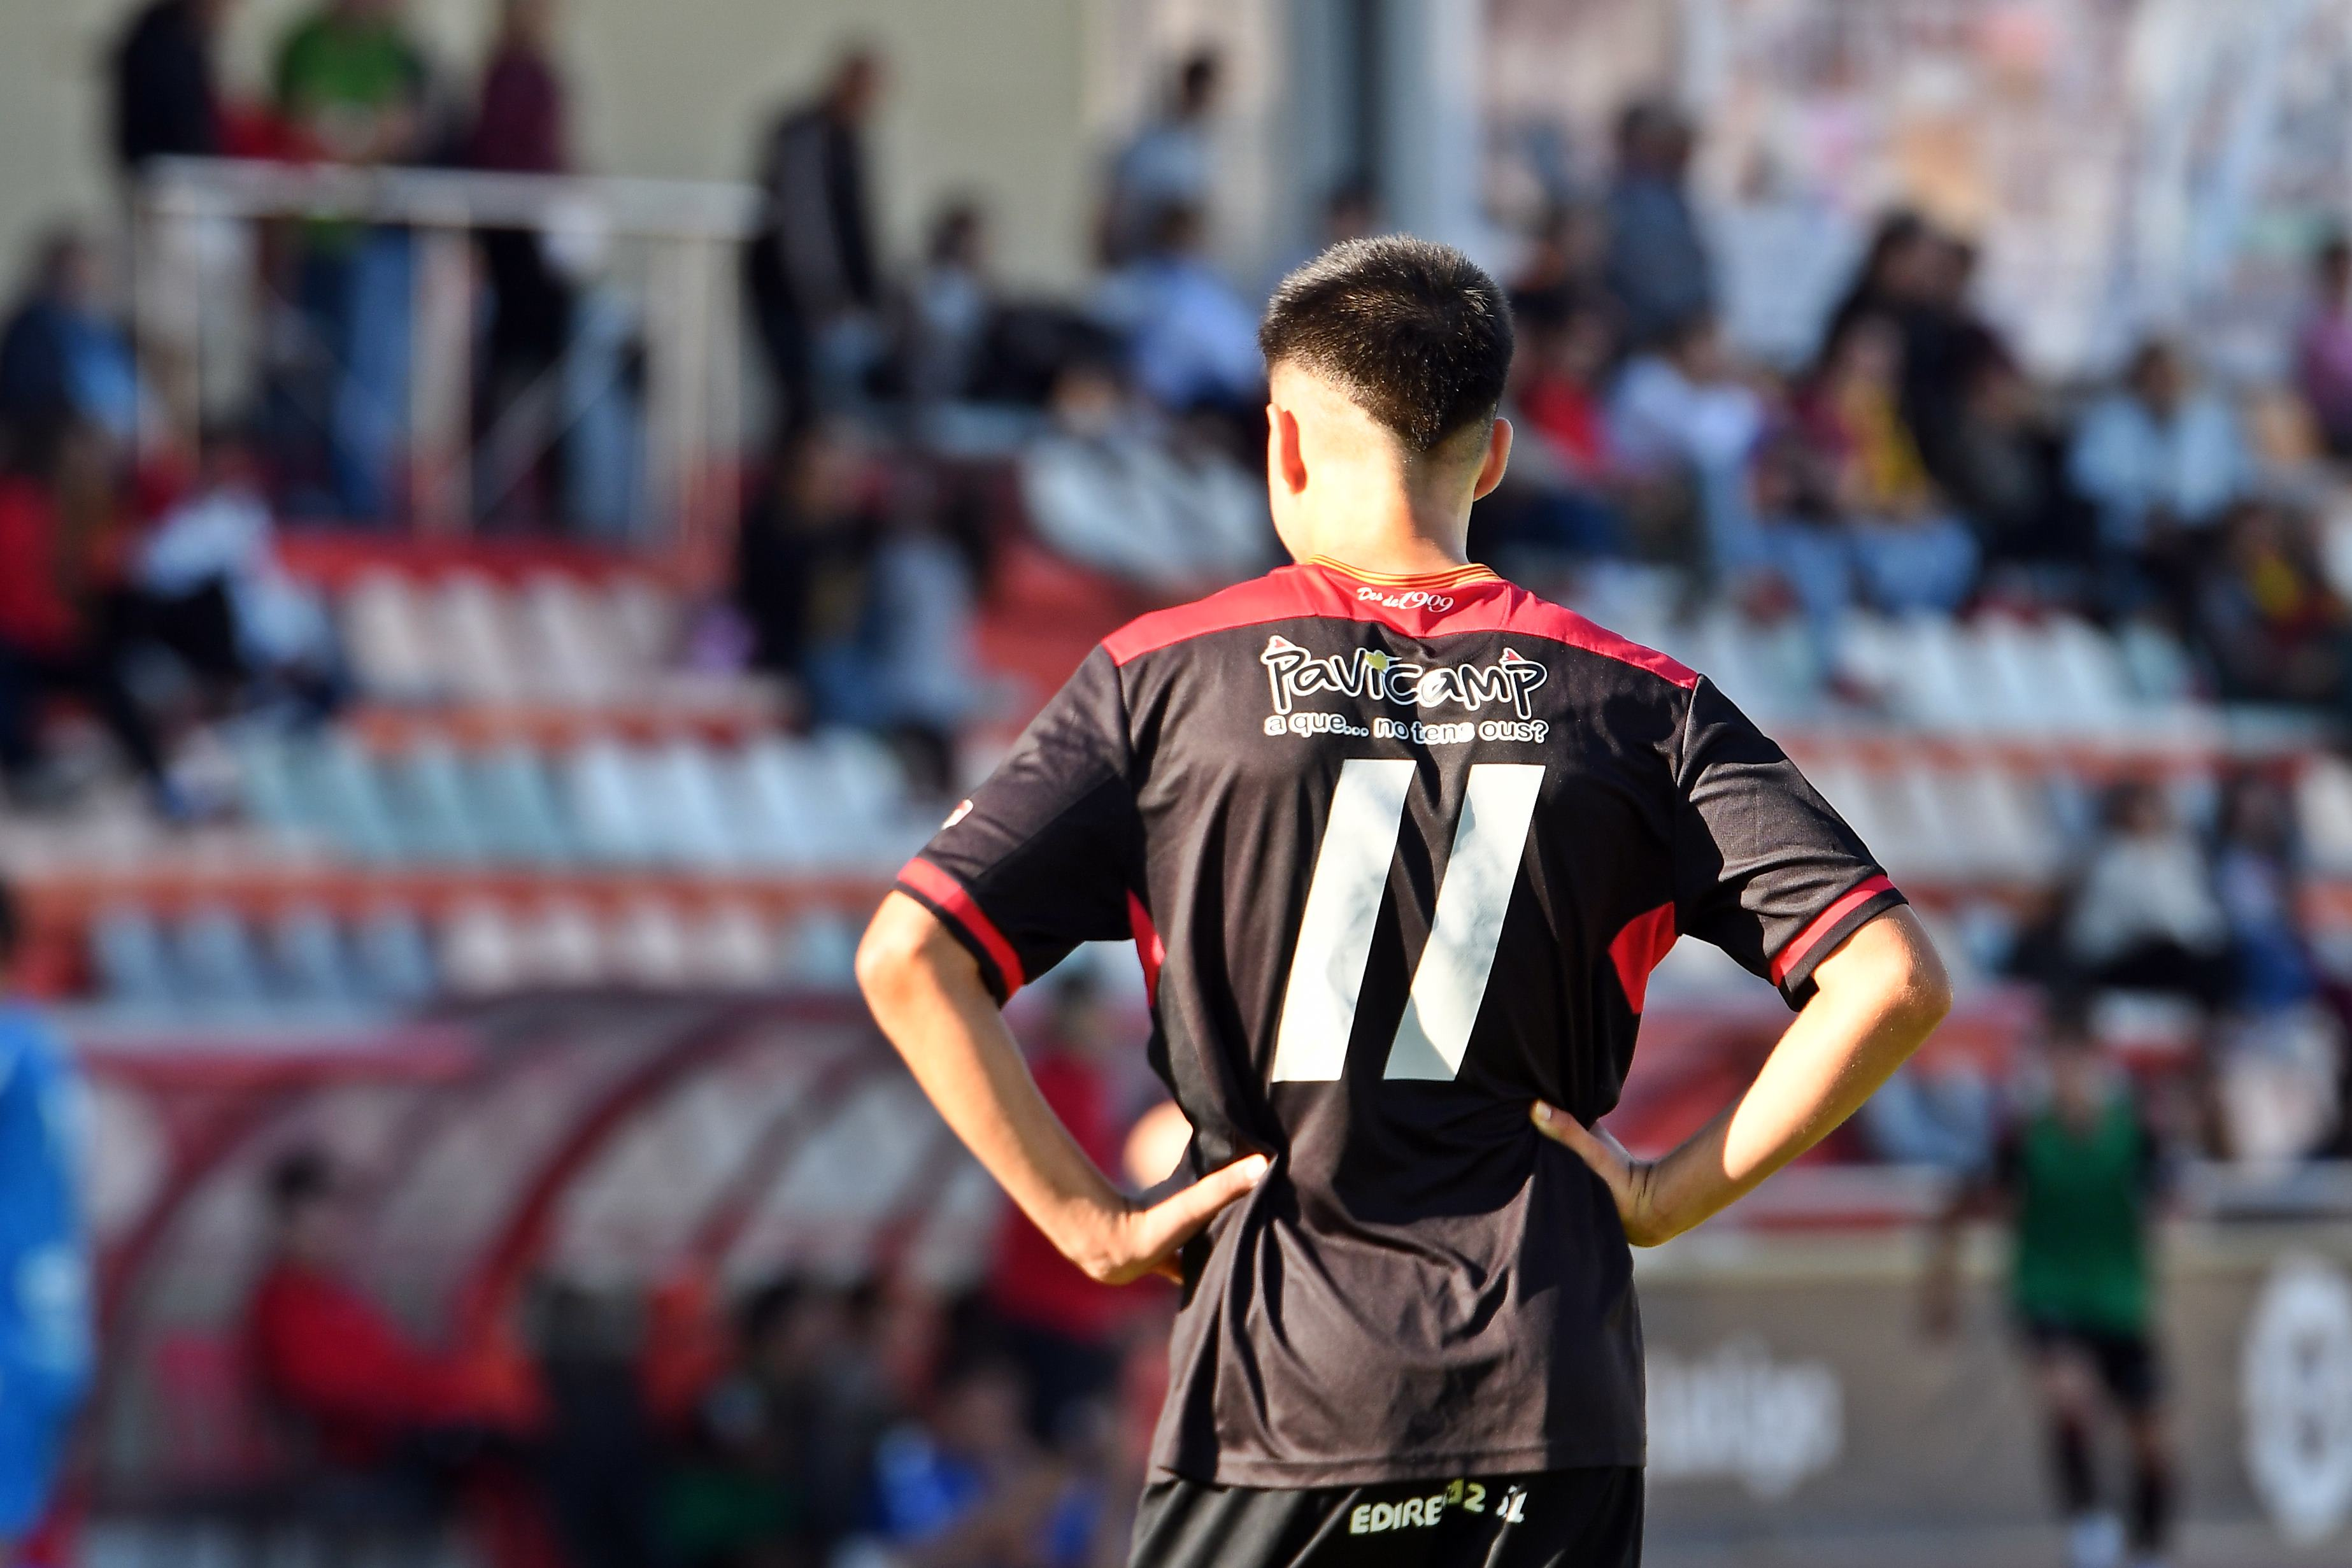 Pavicamp, nou patrocinador dels equips de Futbol 11 de la Fundació